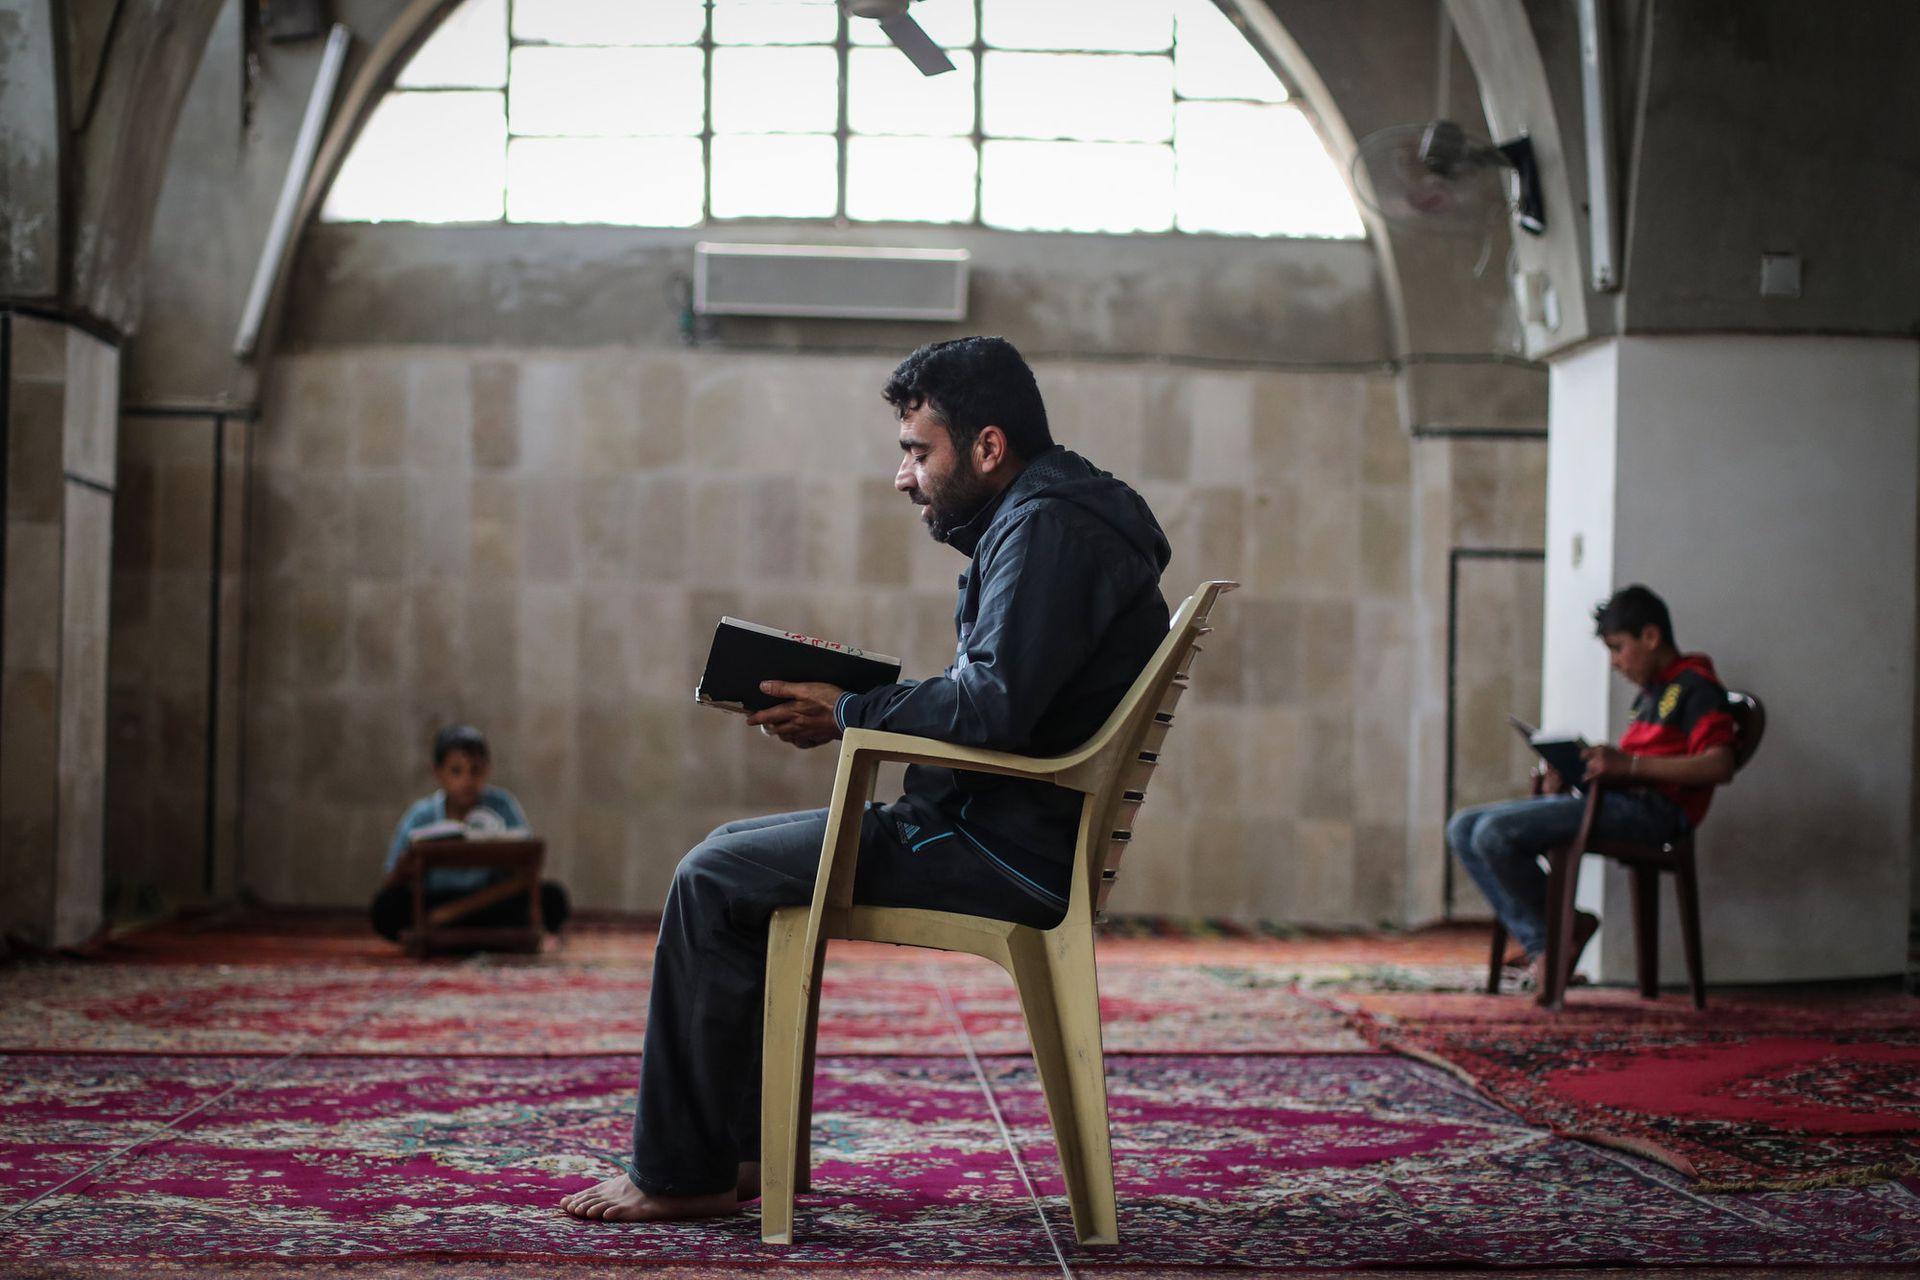 Musulmanes sirios leen el Corán en la mezquita de la ciudad de Maarrat Misrin